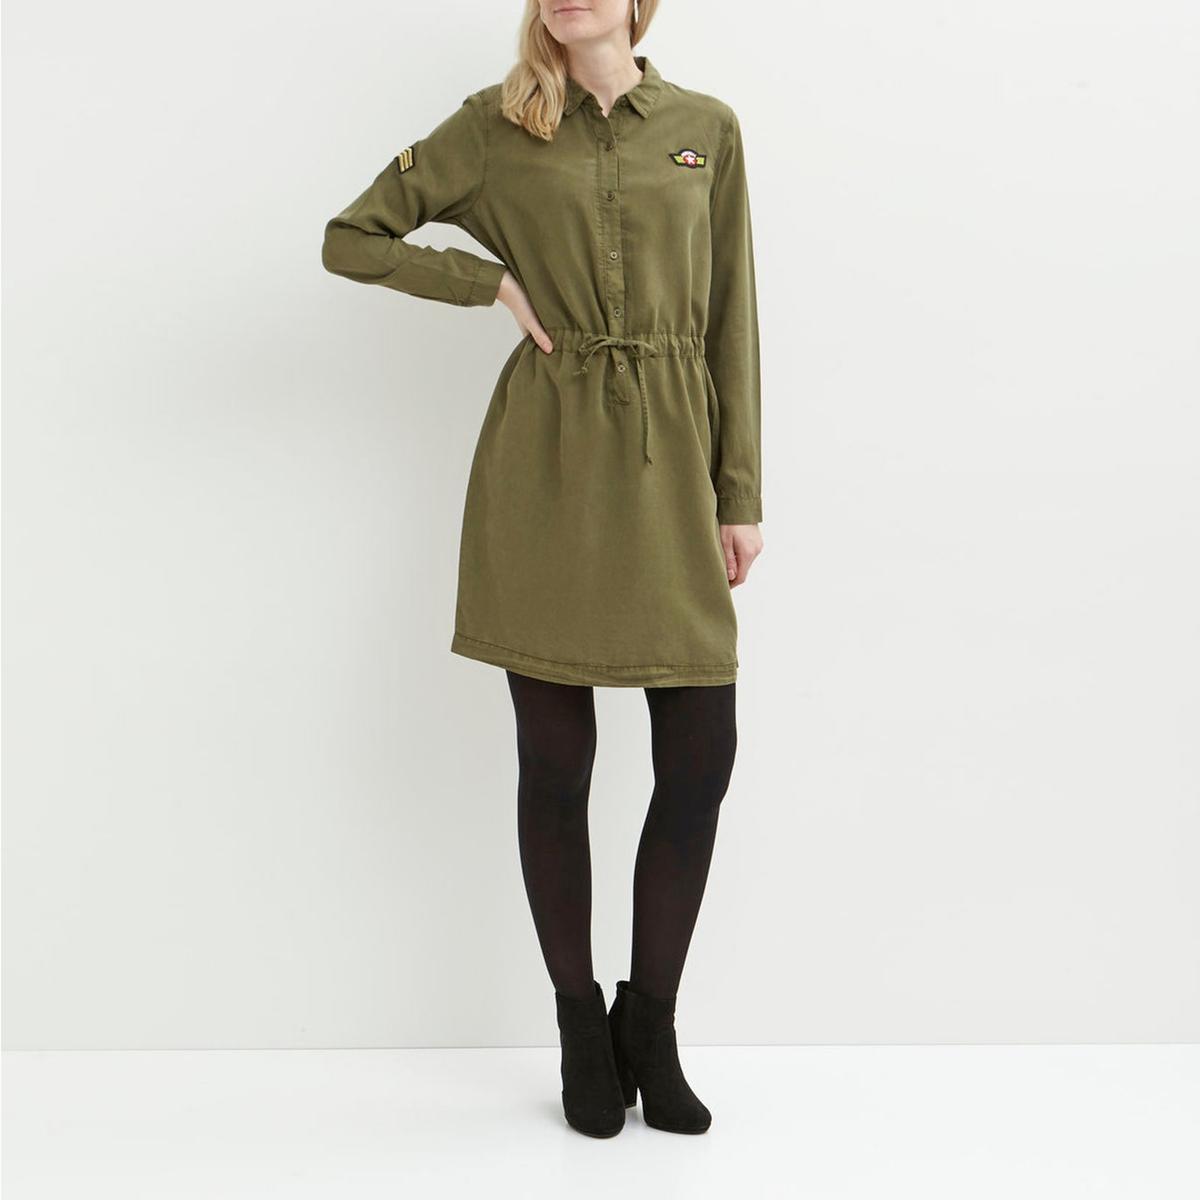 Платье из лиоцелла с длинными рукавами и нашивкойДетали   •  Форма : прямая  •  Длина до колен •  Длинные рукава     •  Рубашечный воротник полоСостав и уход  •  100% лиоцелл • Просьба следовать советам по уходу, указанным на этикетке изделия<br><br>Цвет: хаки<br>Размер: XS